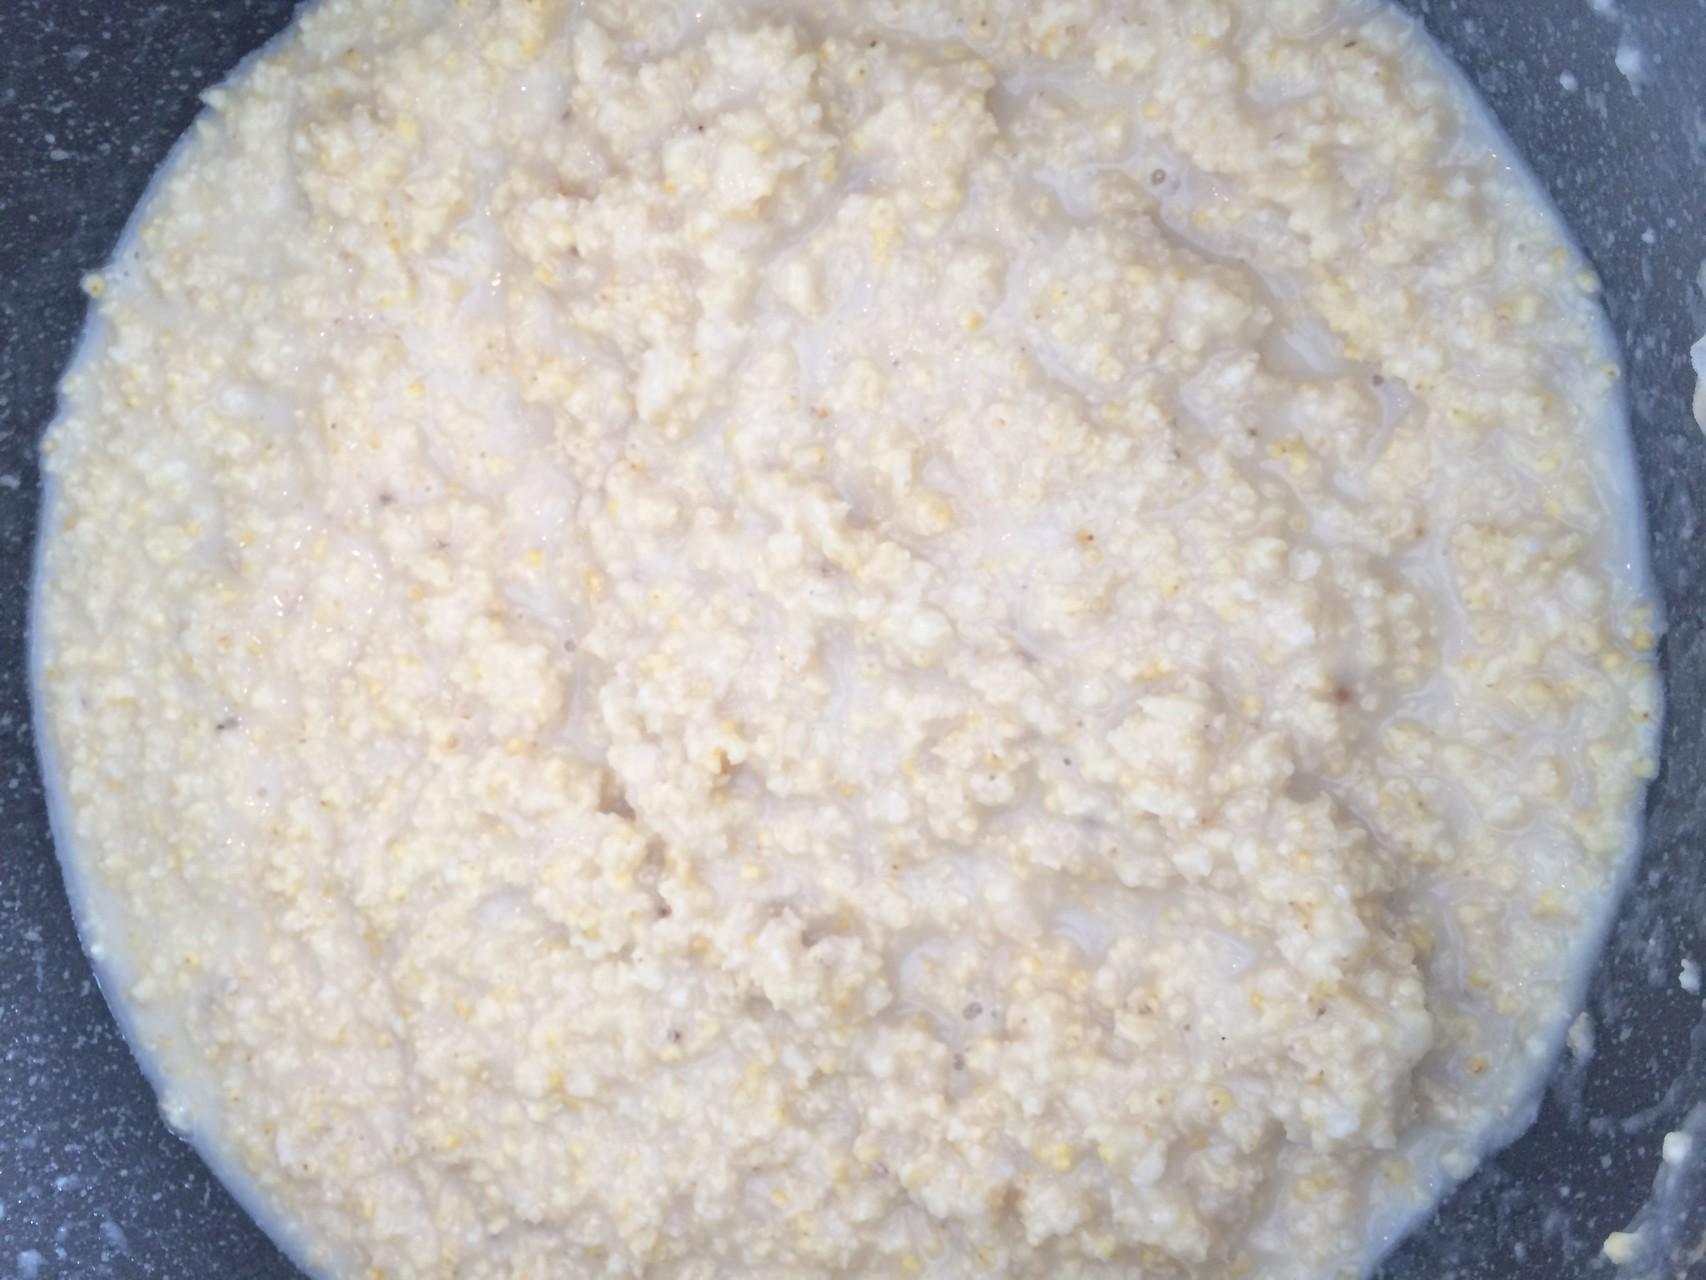 Hirse kochen - mycleanlife